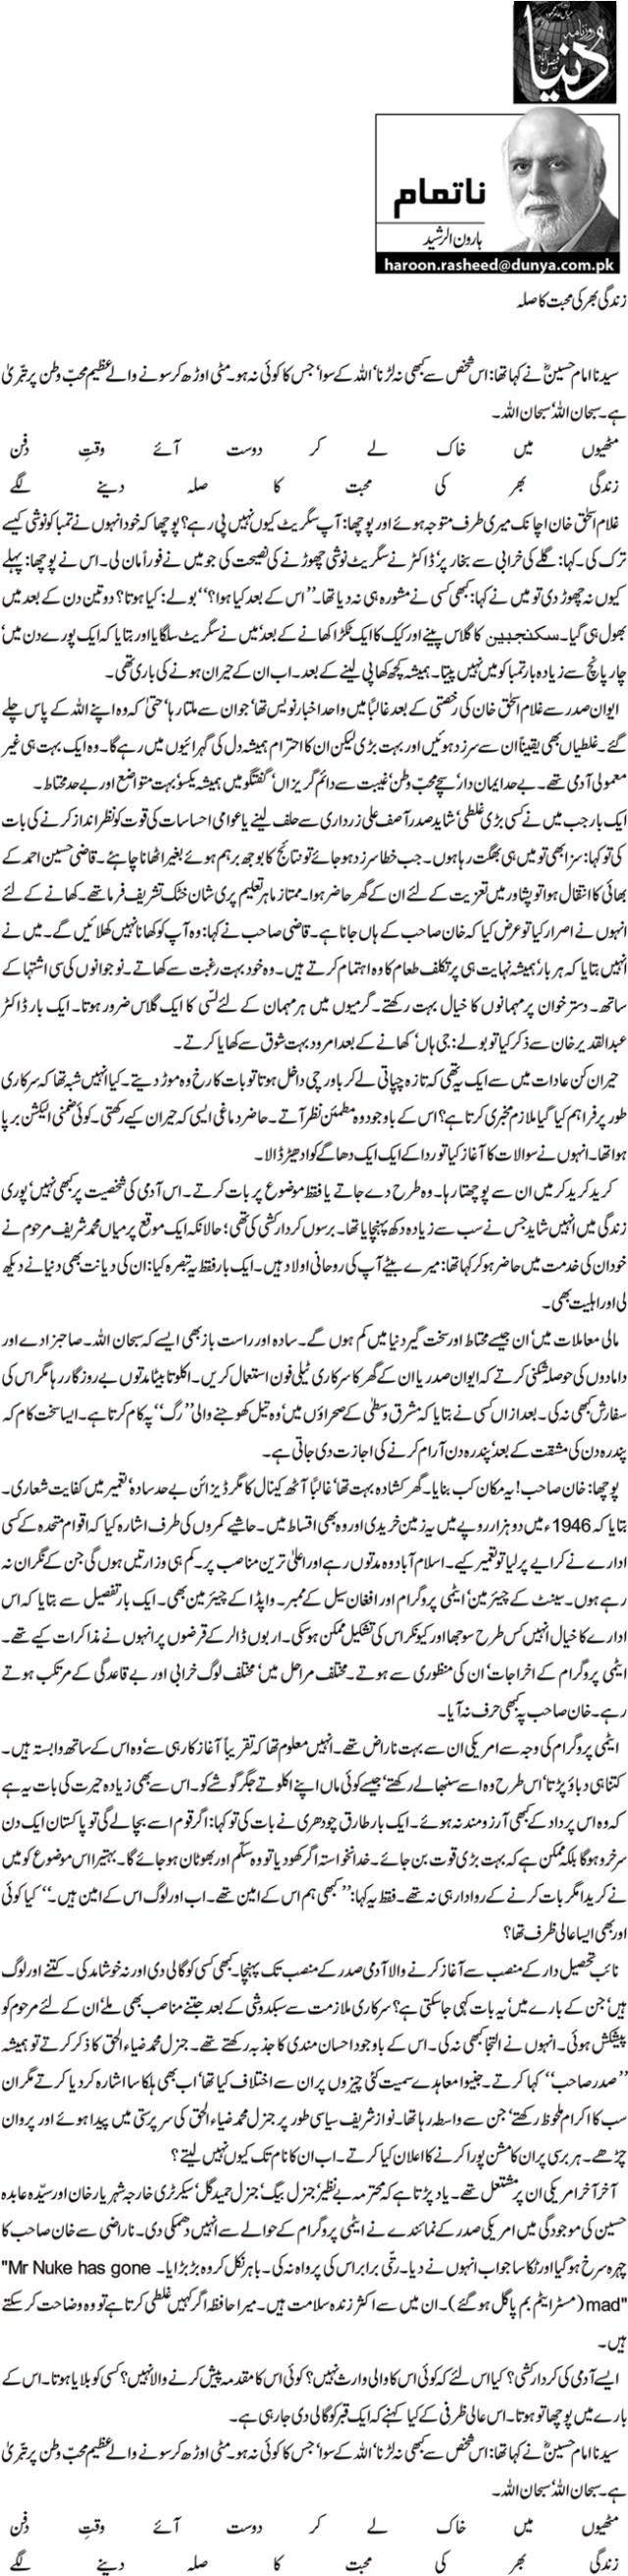 Zindgi bhar ki muhabat ka sila - Haroon-ur-Rasheed